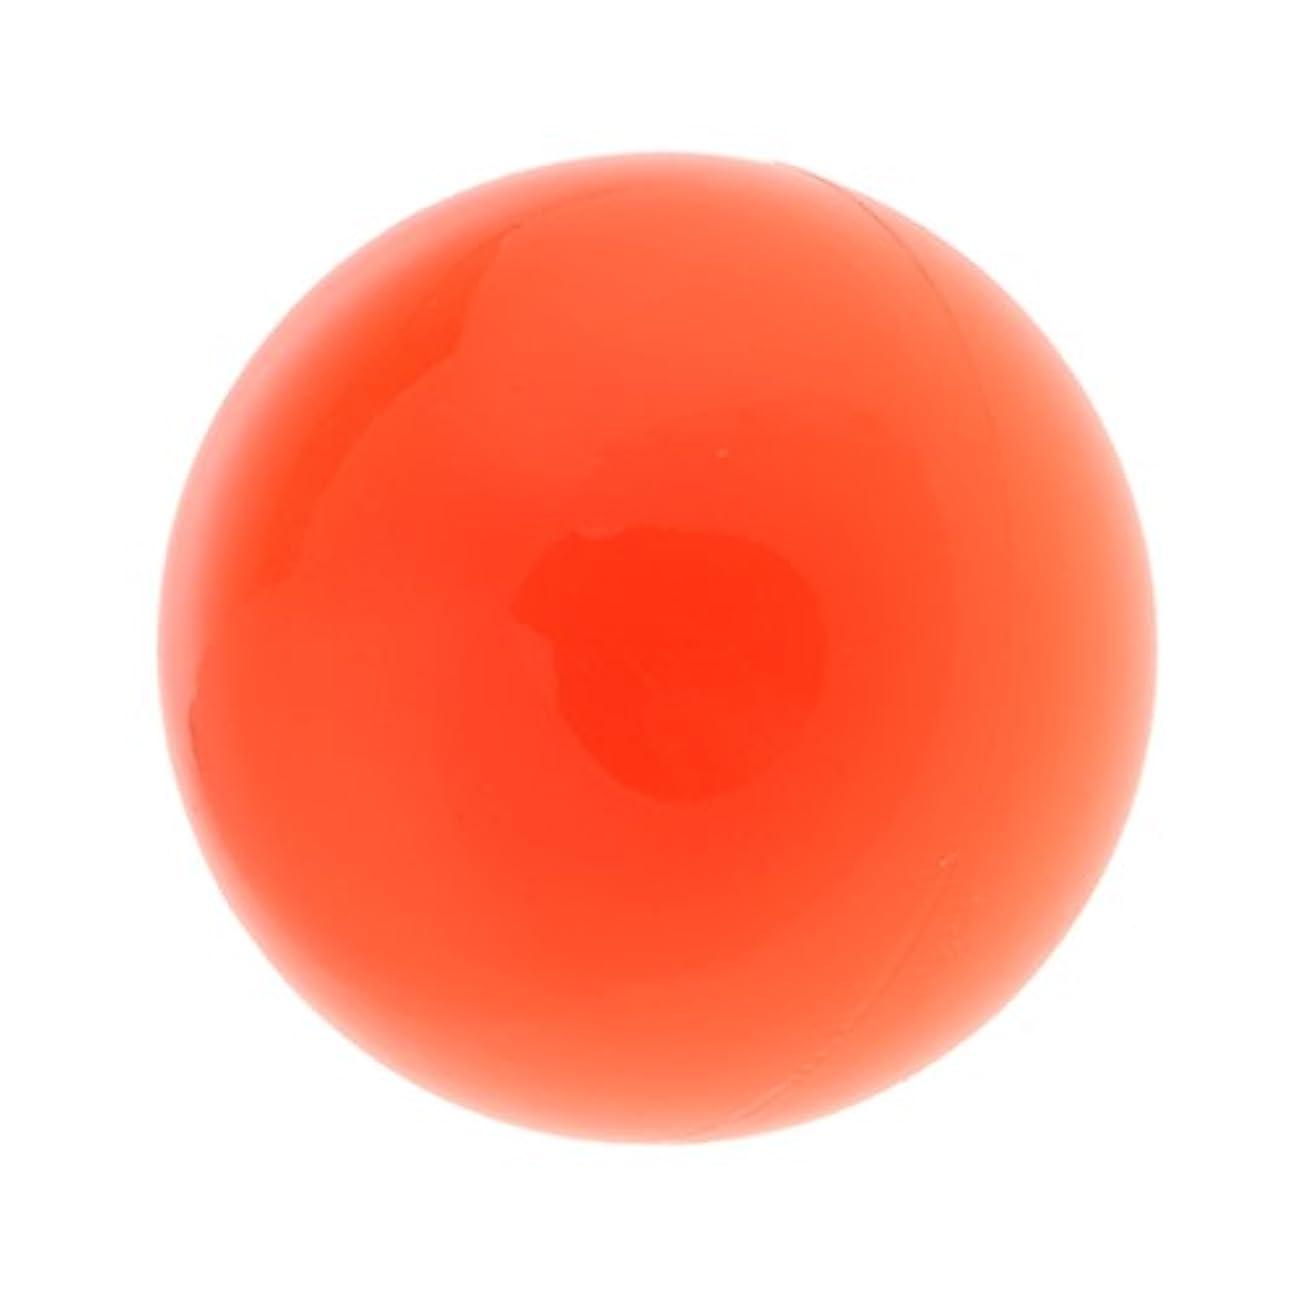 コメンテーターアートジャムラクロスマッサージボール マッサージボール マッサージ 手のひら 足 腕 首 背中 足首 ジム ホーム 便利 オレンジ